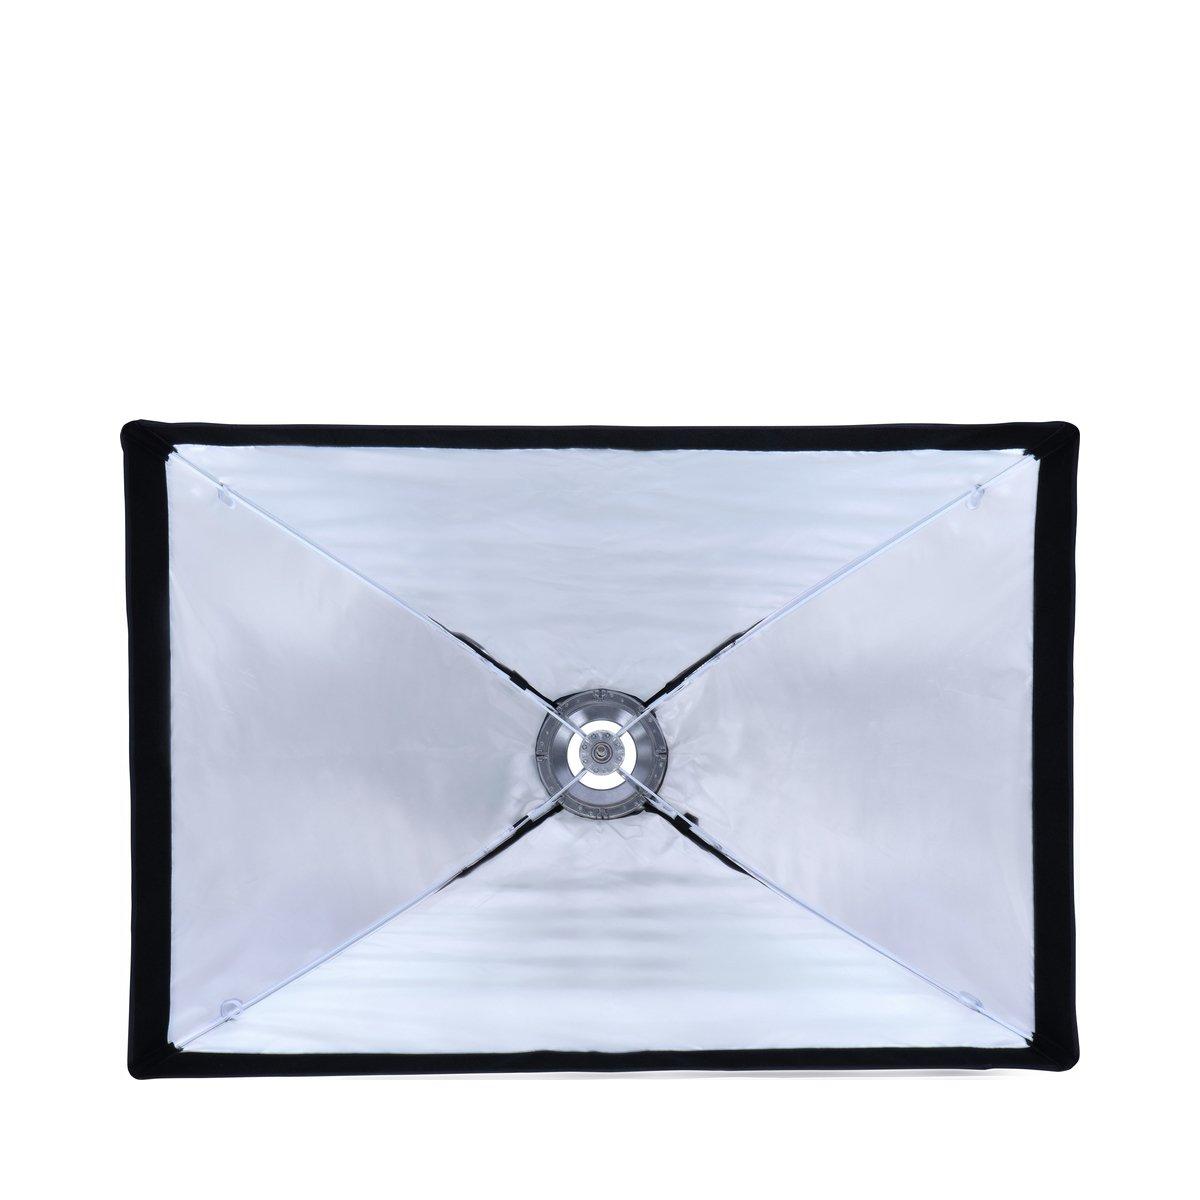 Incluye Panal Color Negro Grid para fotograf/ía de Retratos y Productos Rollei Octabox 90 cm de di/ámetro Visera Plegable con conexi/ón Bowens